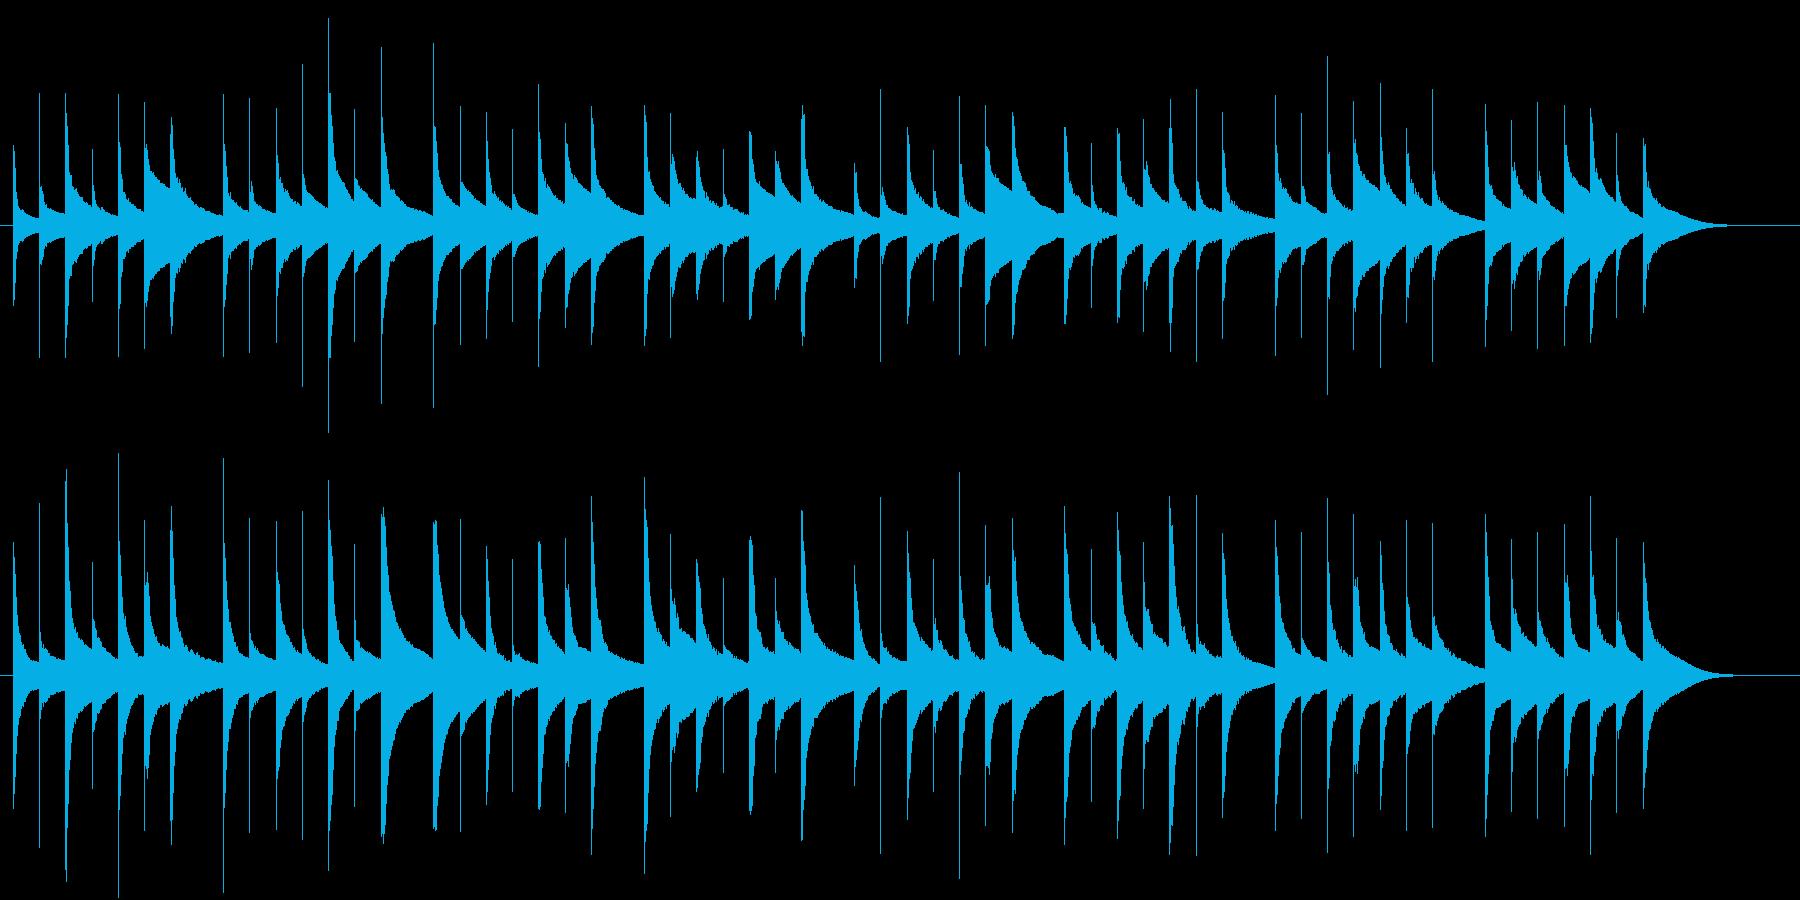 オルゴール風のジングルの再生済みの波形